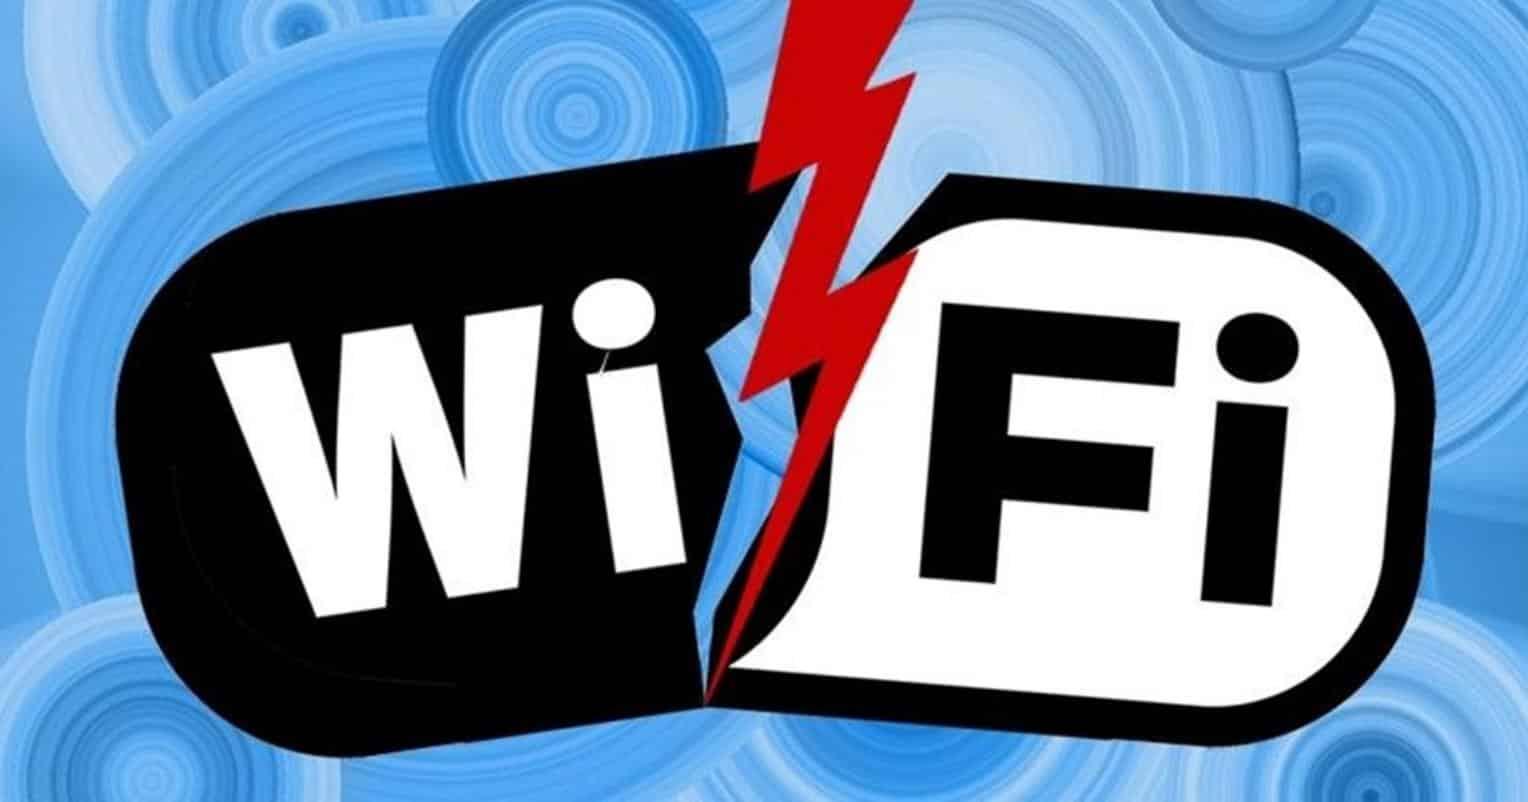 Como saber si se roban mi wifi - saber quien roba wifi